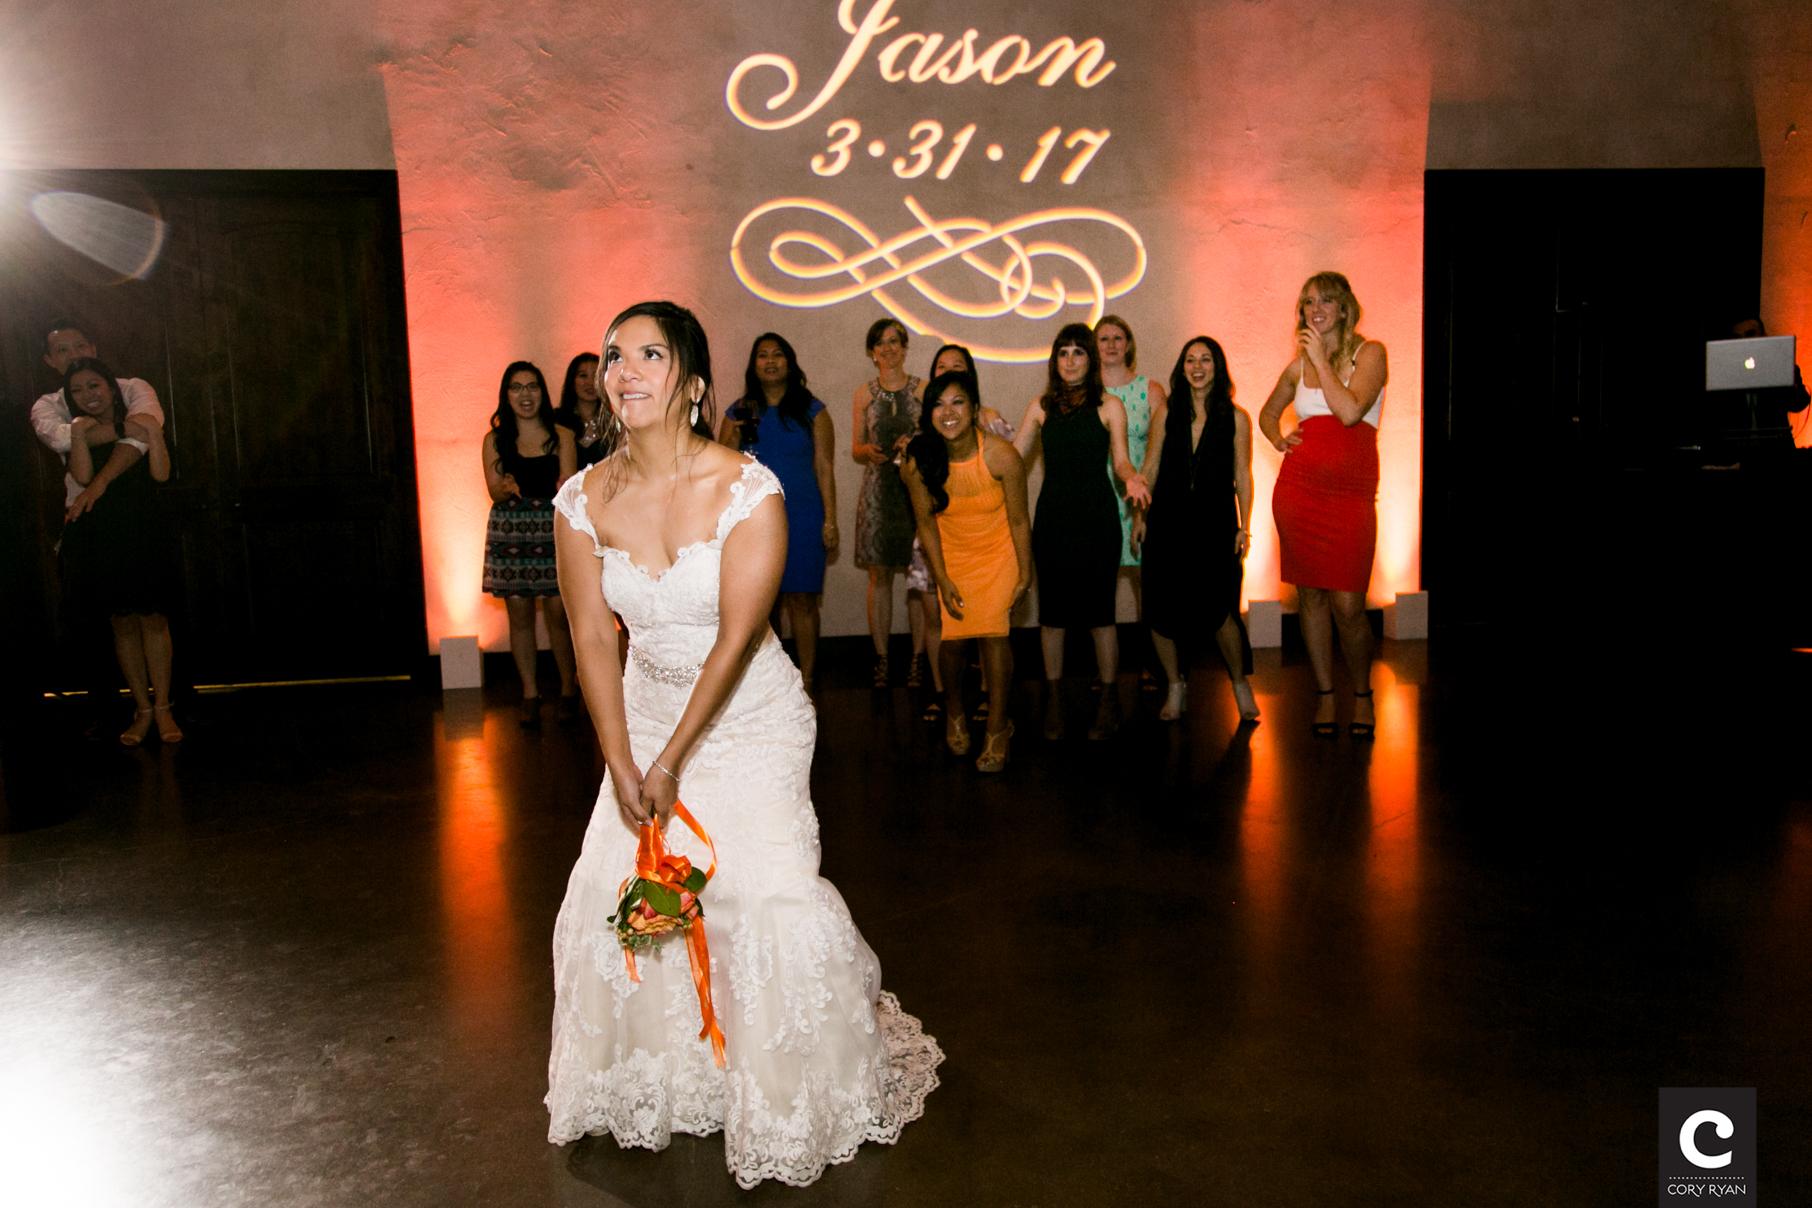 Maricel-Jason-Wedding-597.jpg